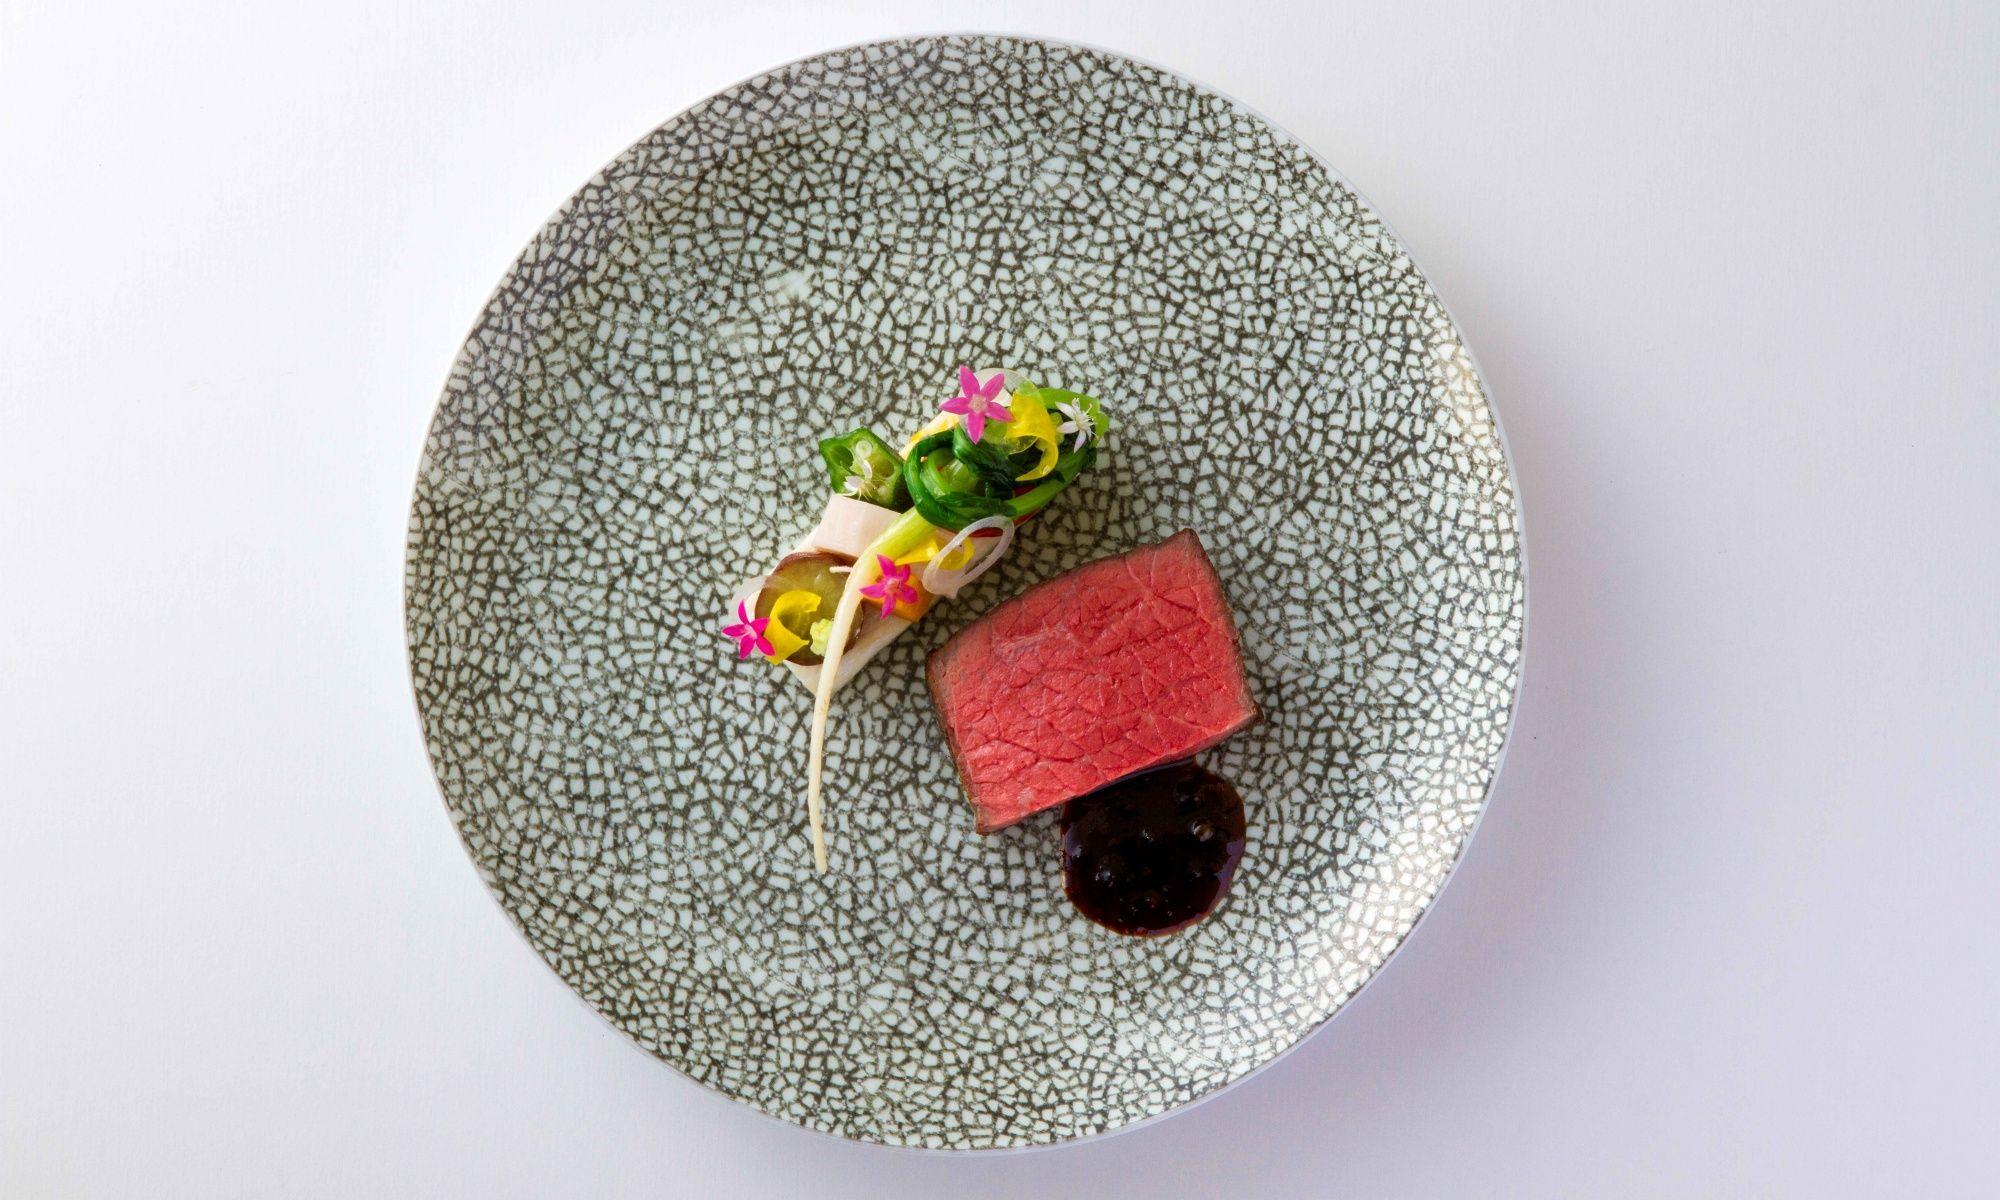 Haku Presents One-Night Collaboration Dinner With Japan's La Maison De La Nature Goh